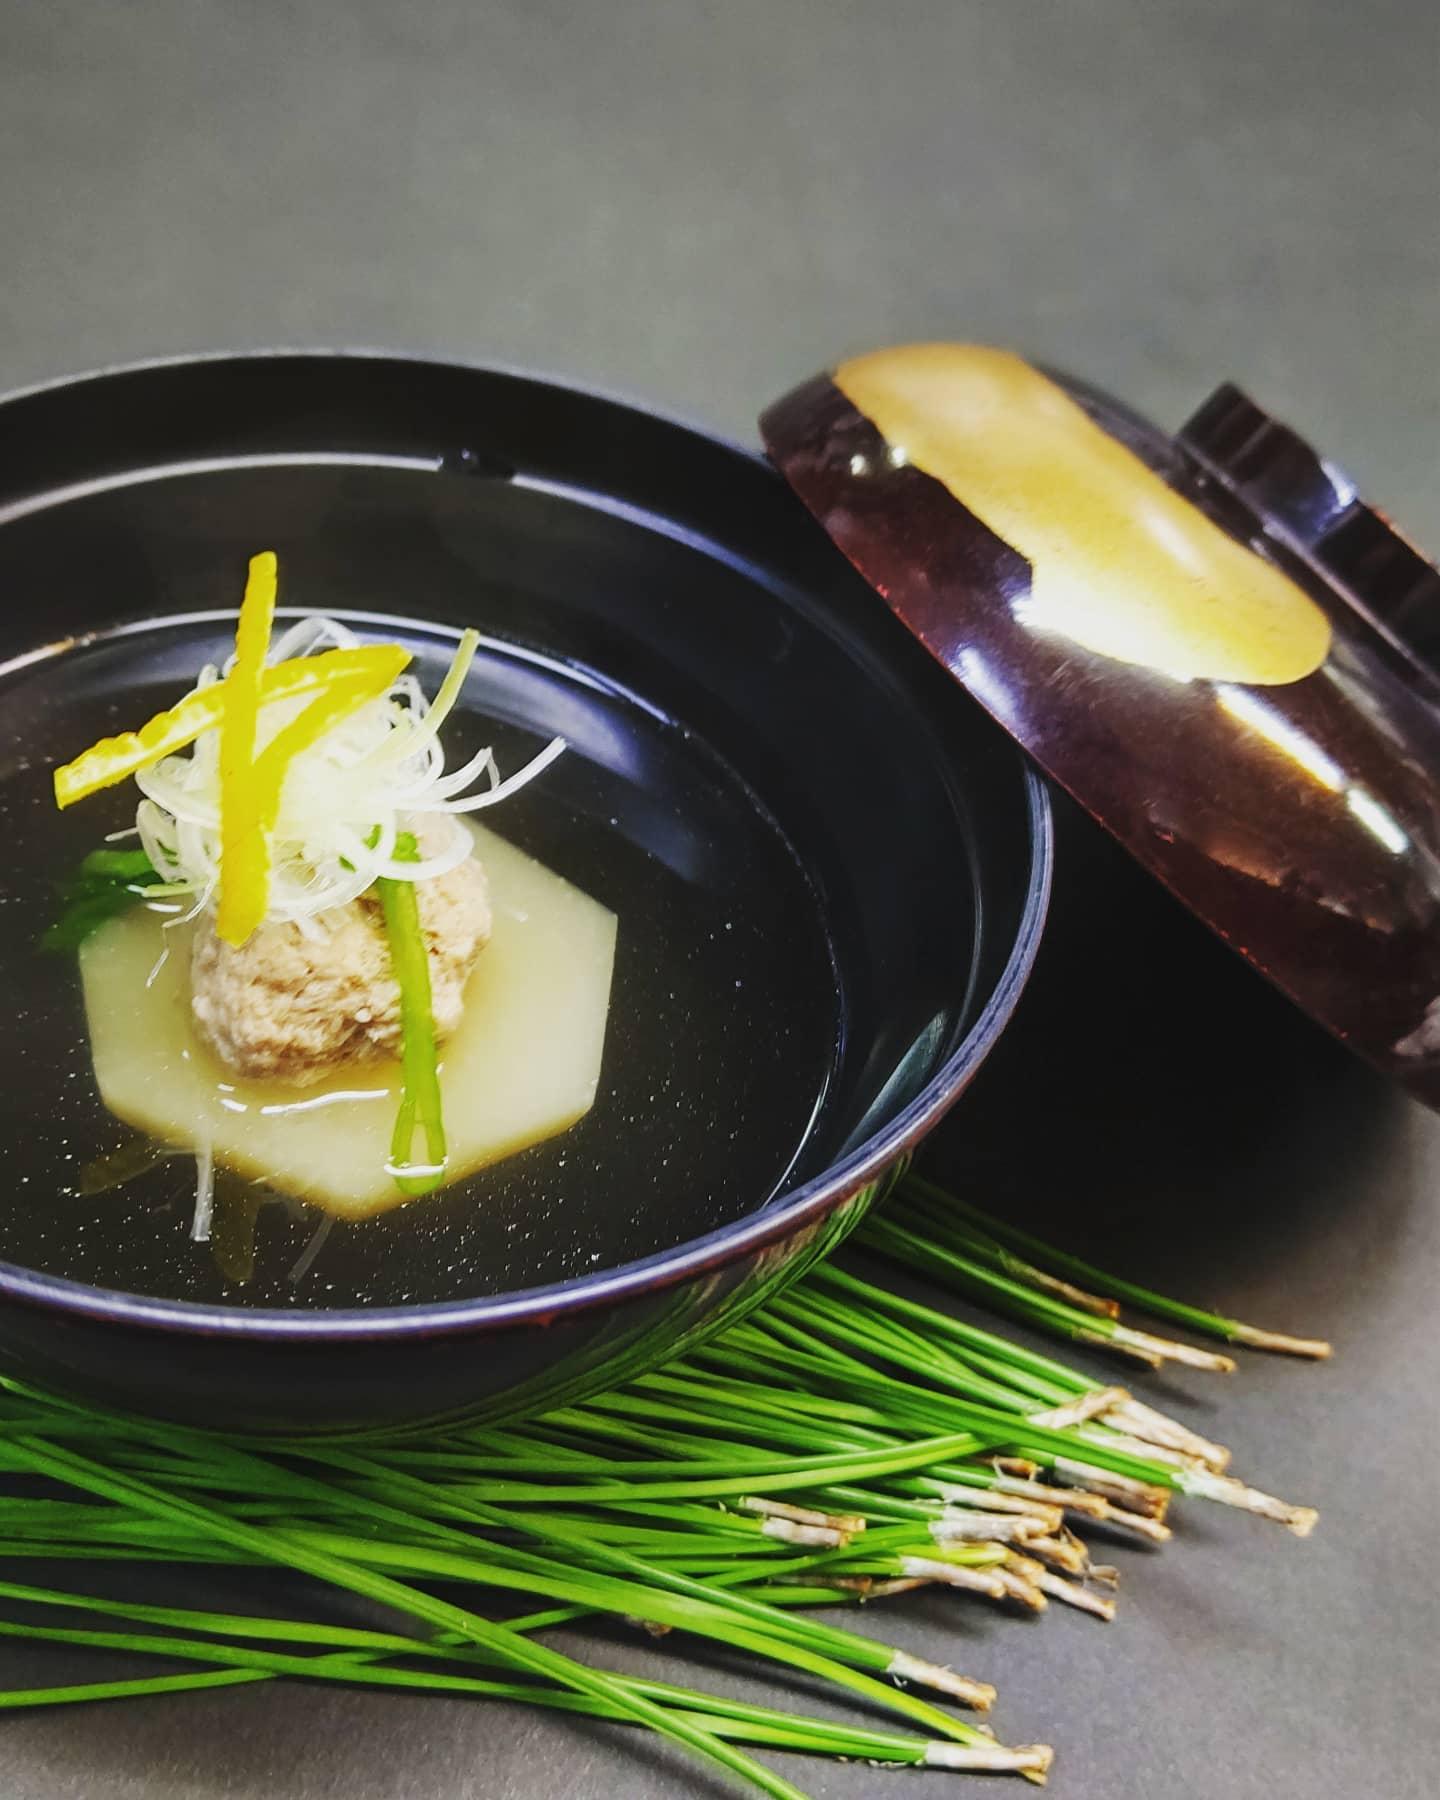 蕪と鴨丸の煮物椀